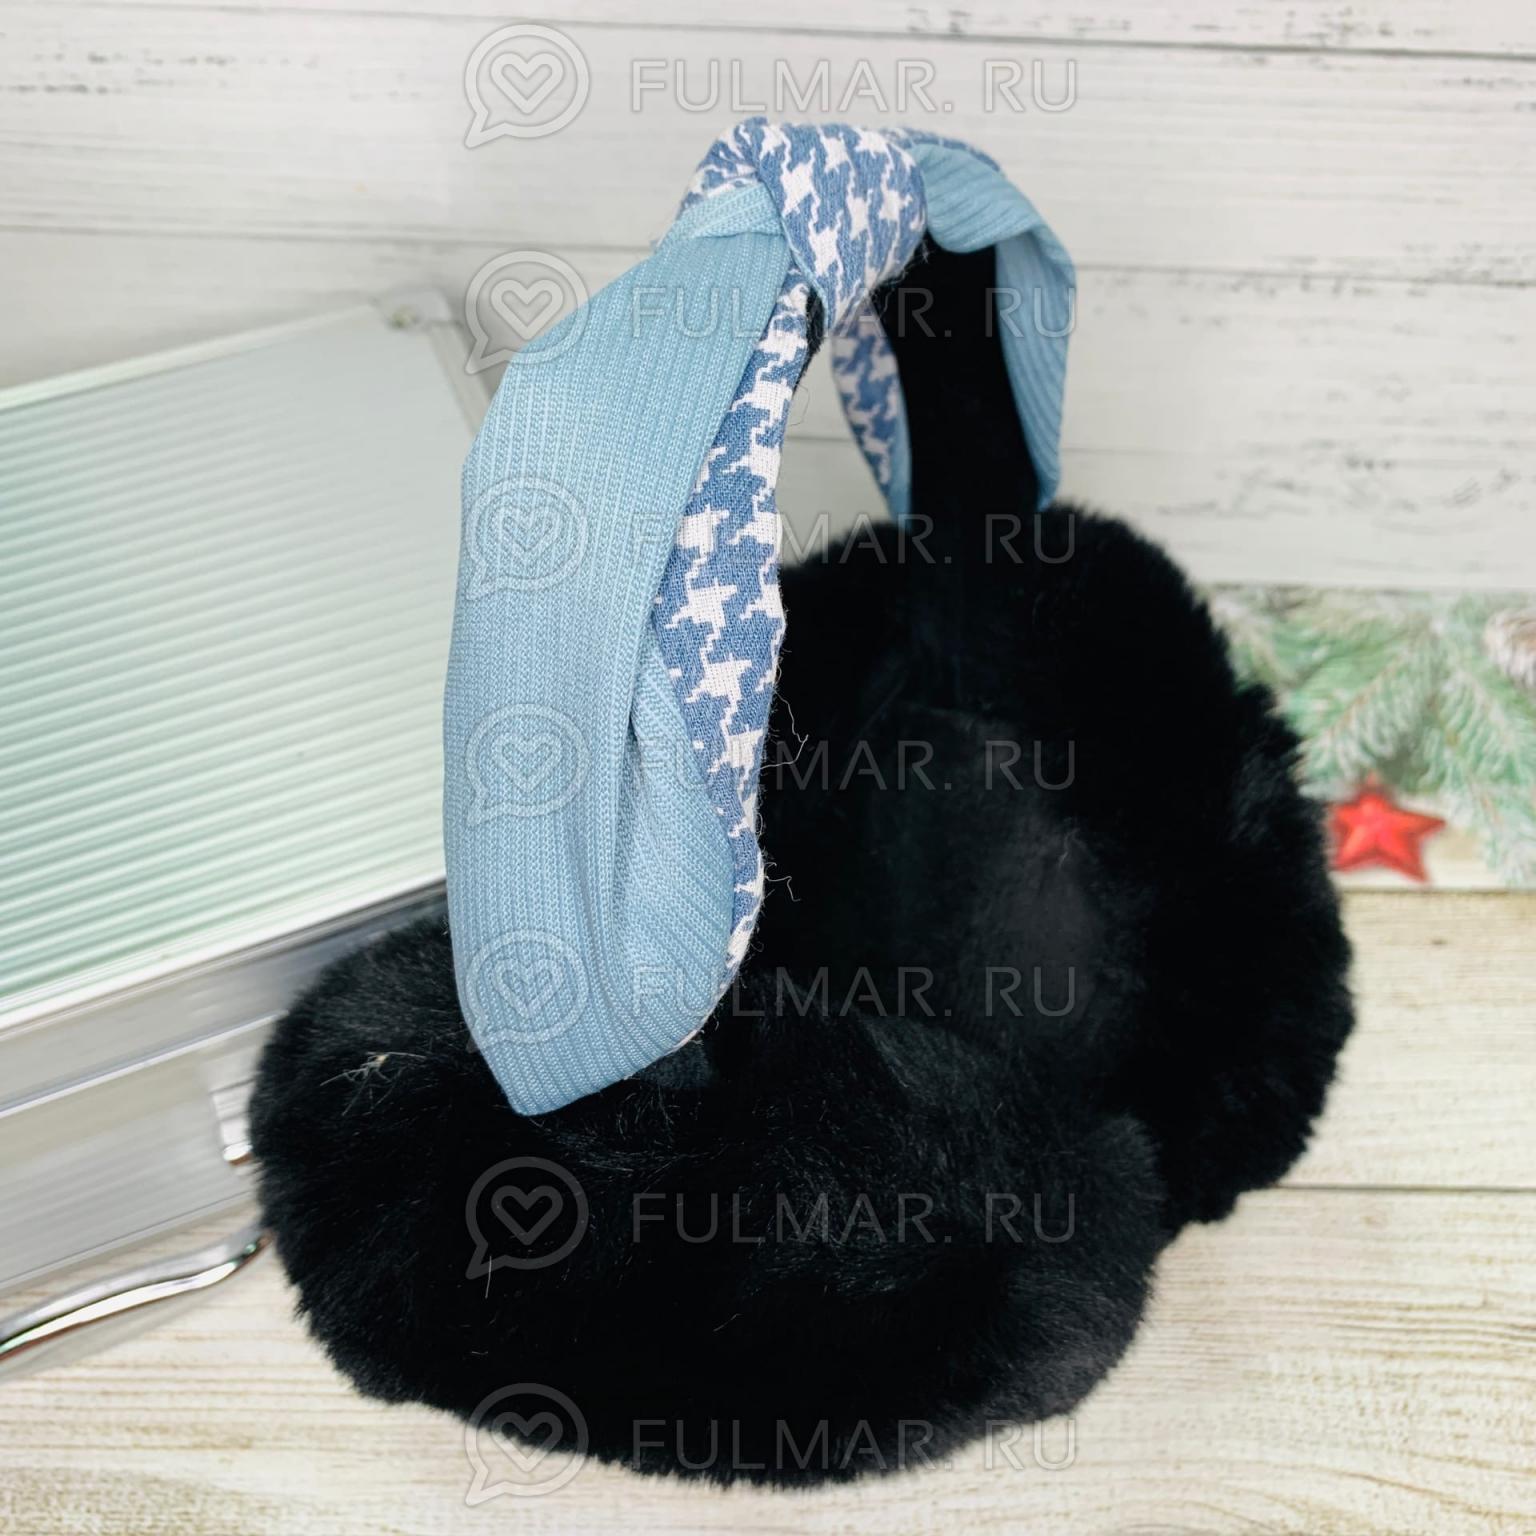 Наушники утеплённые складные с ободком-узлом Lolita цвет: Чёрный-Голубой